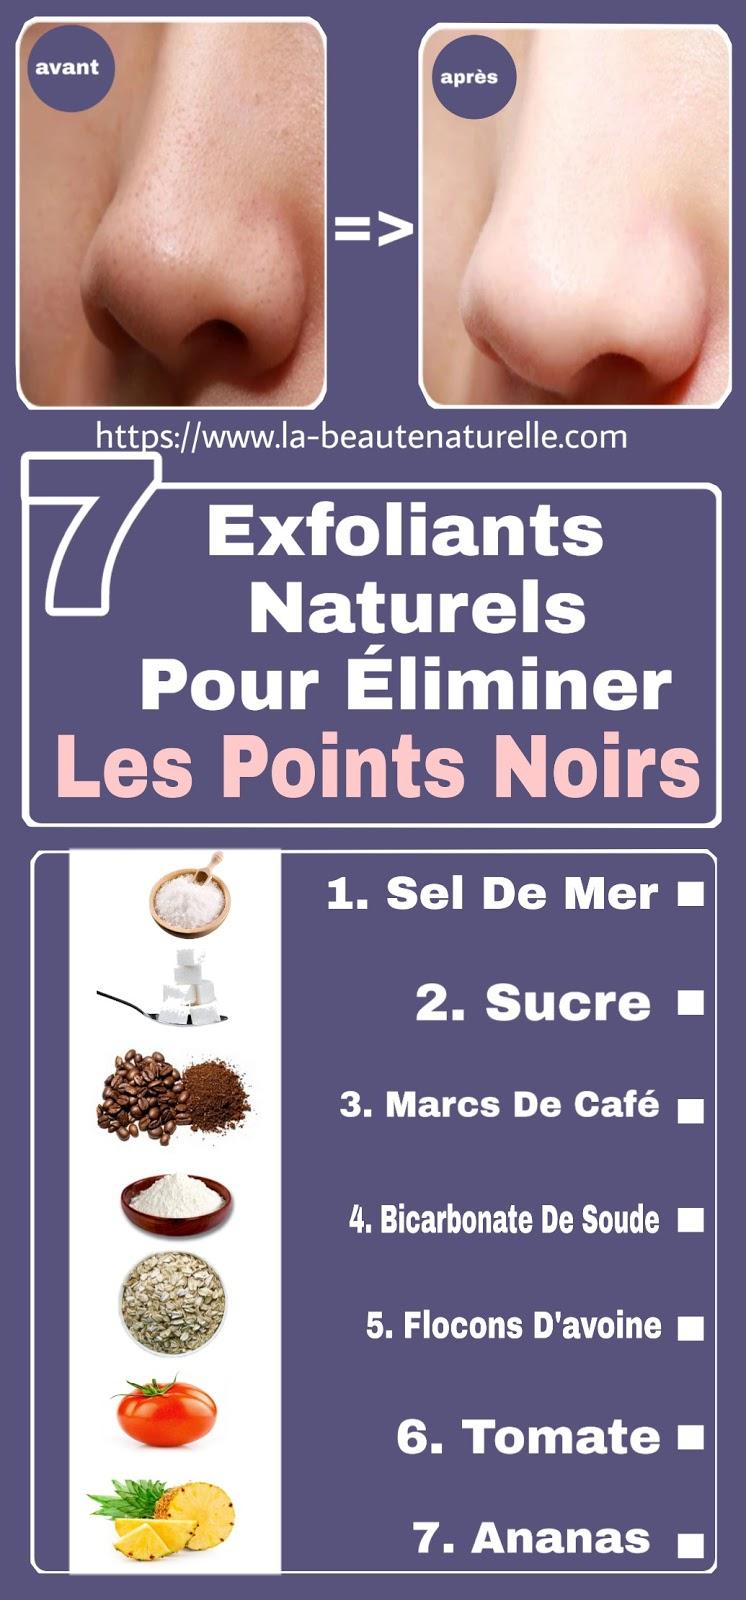 7 Exfoliants Naturels Pour Éliminer Les Points Noirs